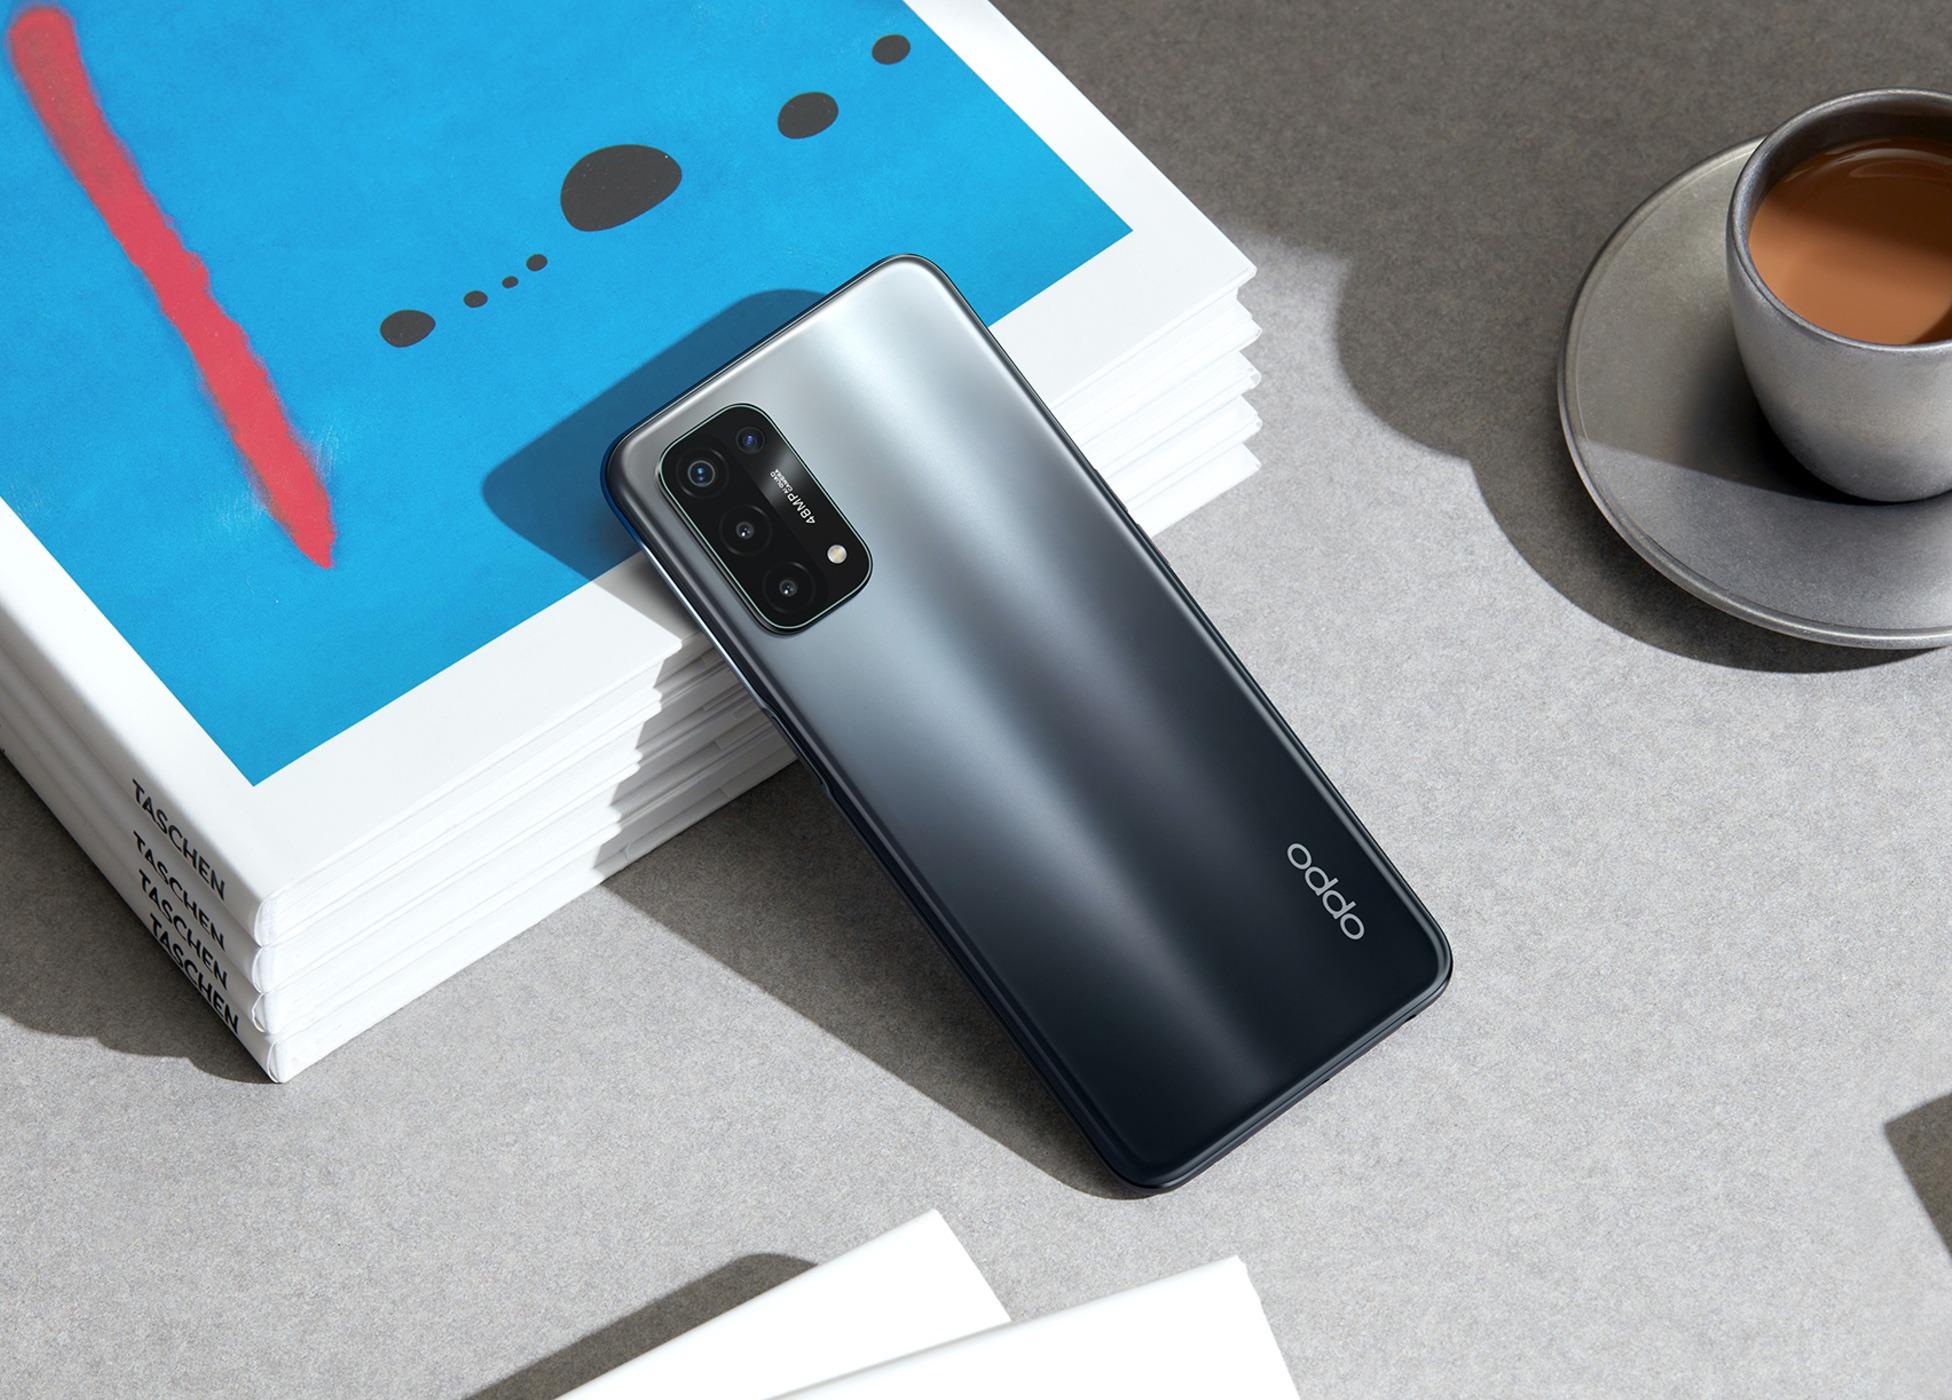 ¿Merece la pena comprar el Oppo A74 5G a este precio? Te contamos la ventajas e inconvenientes